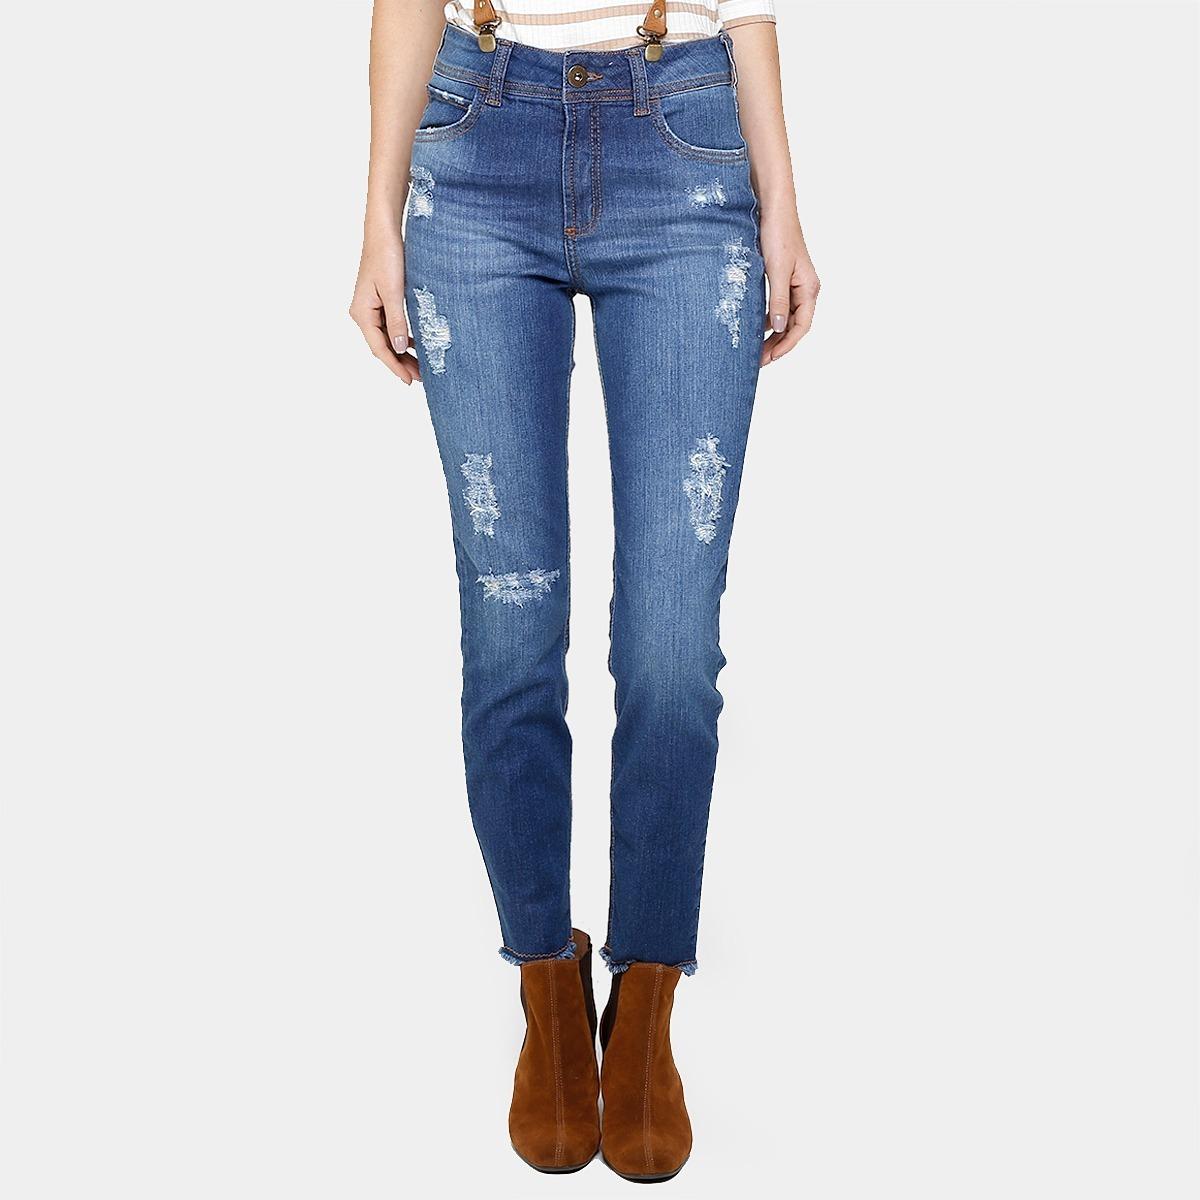 247e6bcad Calça Jeans Skinny Colcci Bia Suspensório - R$ 469,90 em Mercado Livre